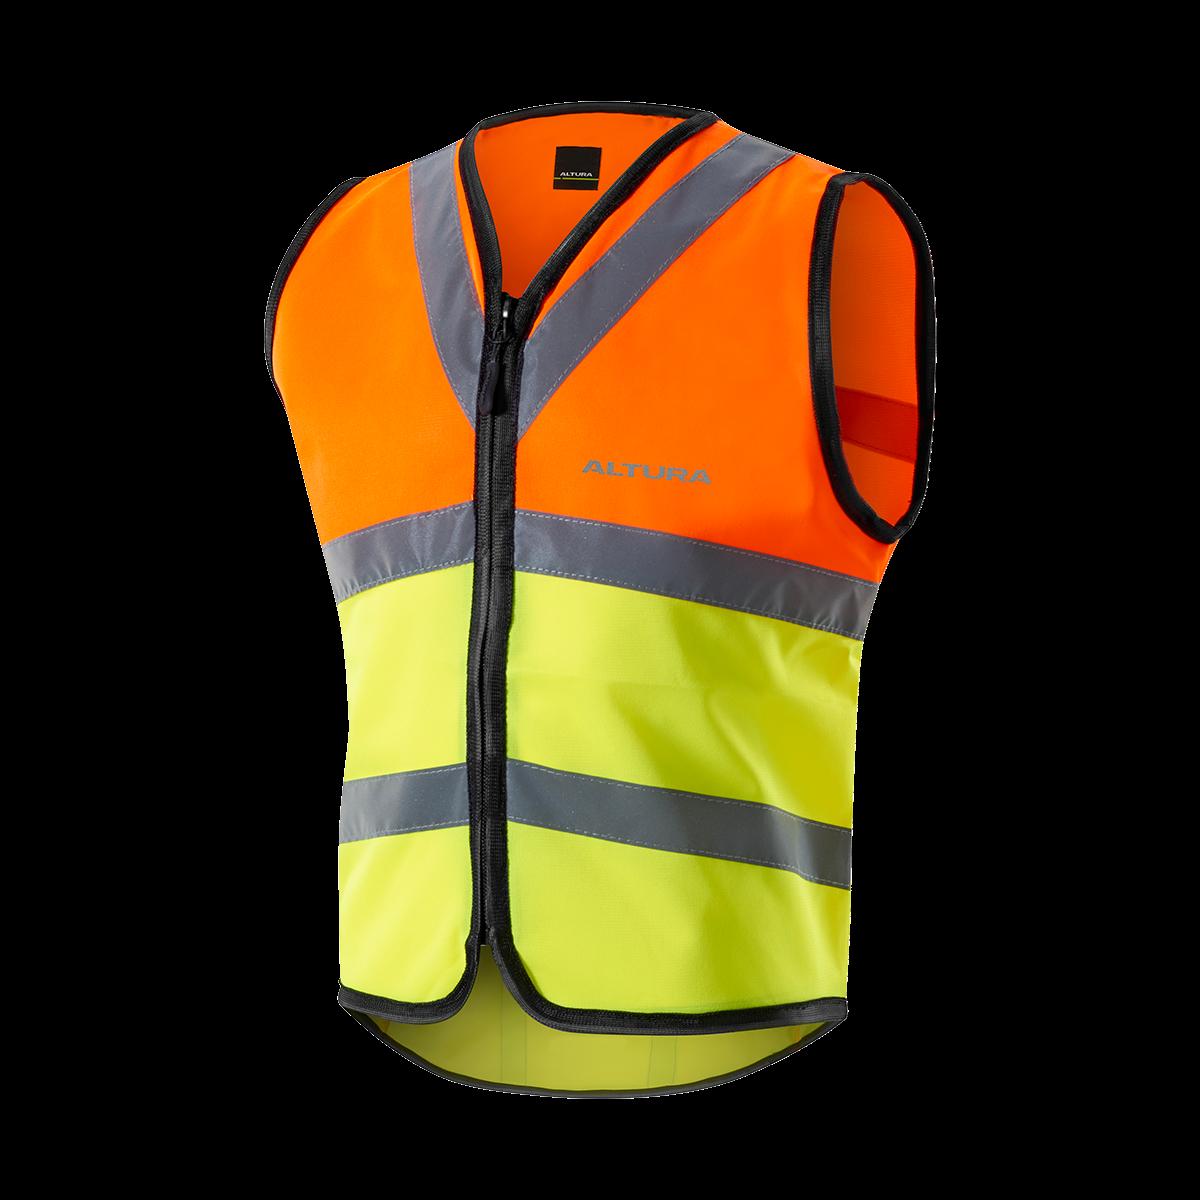 Kids Nightvision Safety Vest